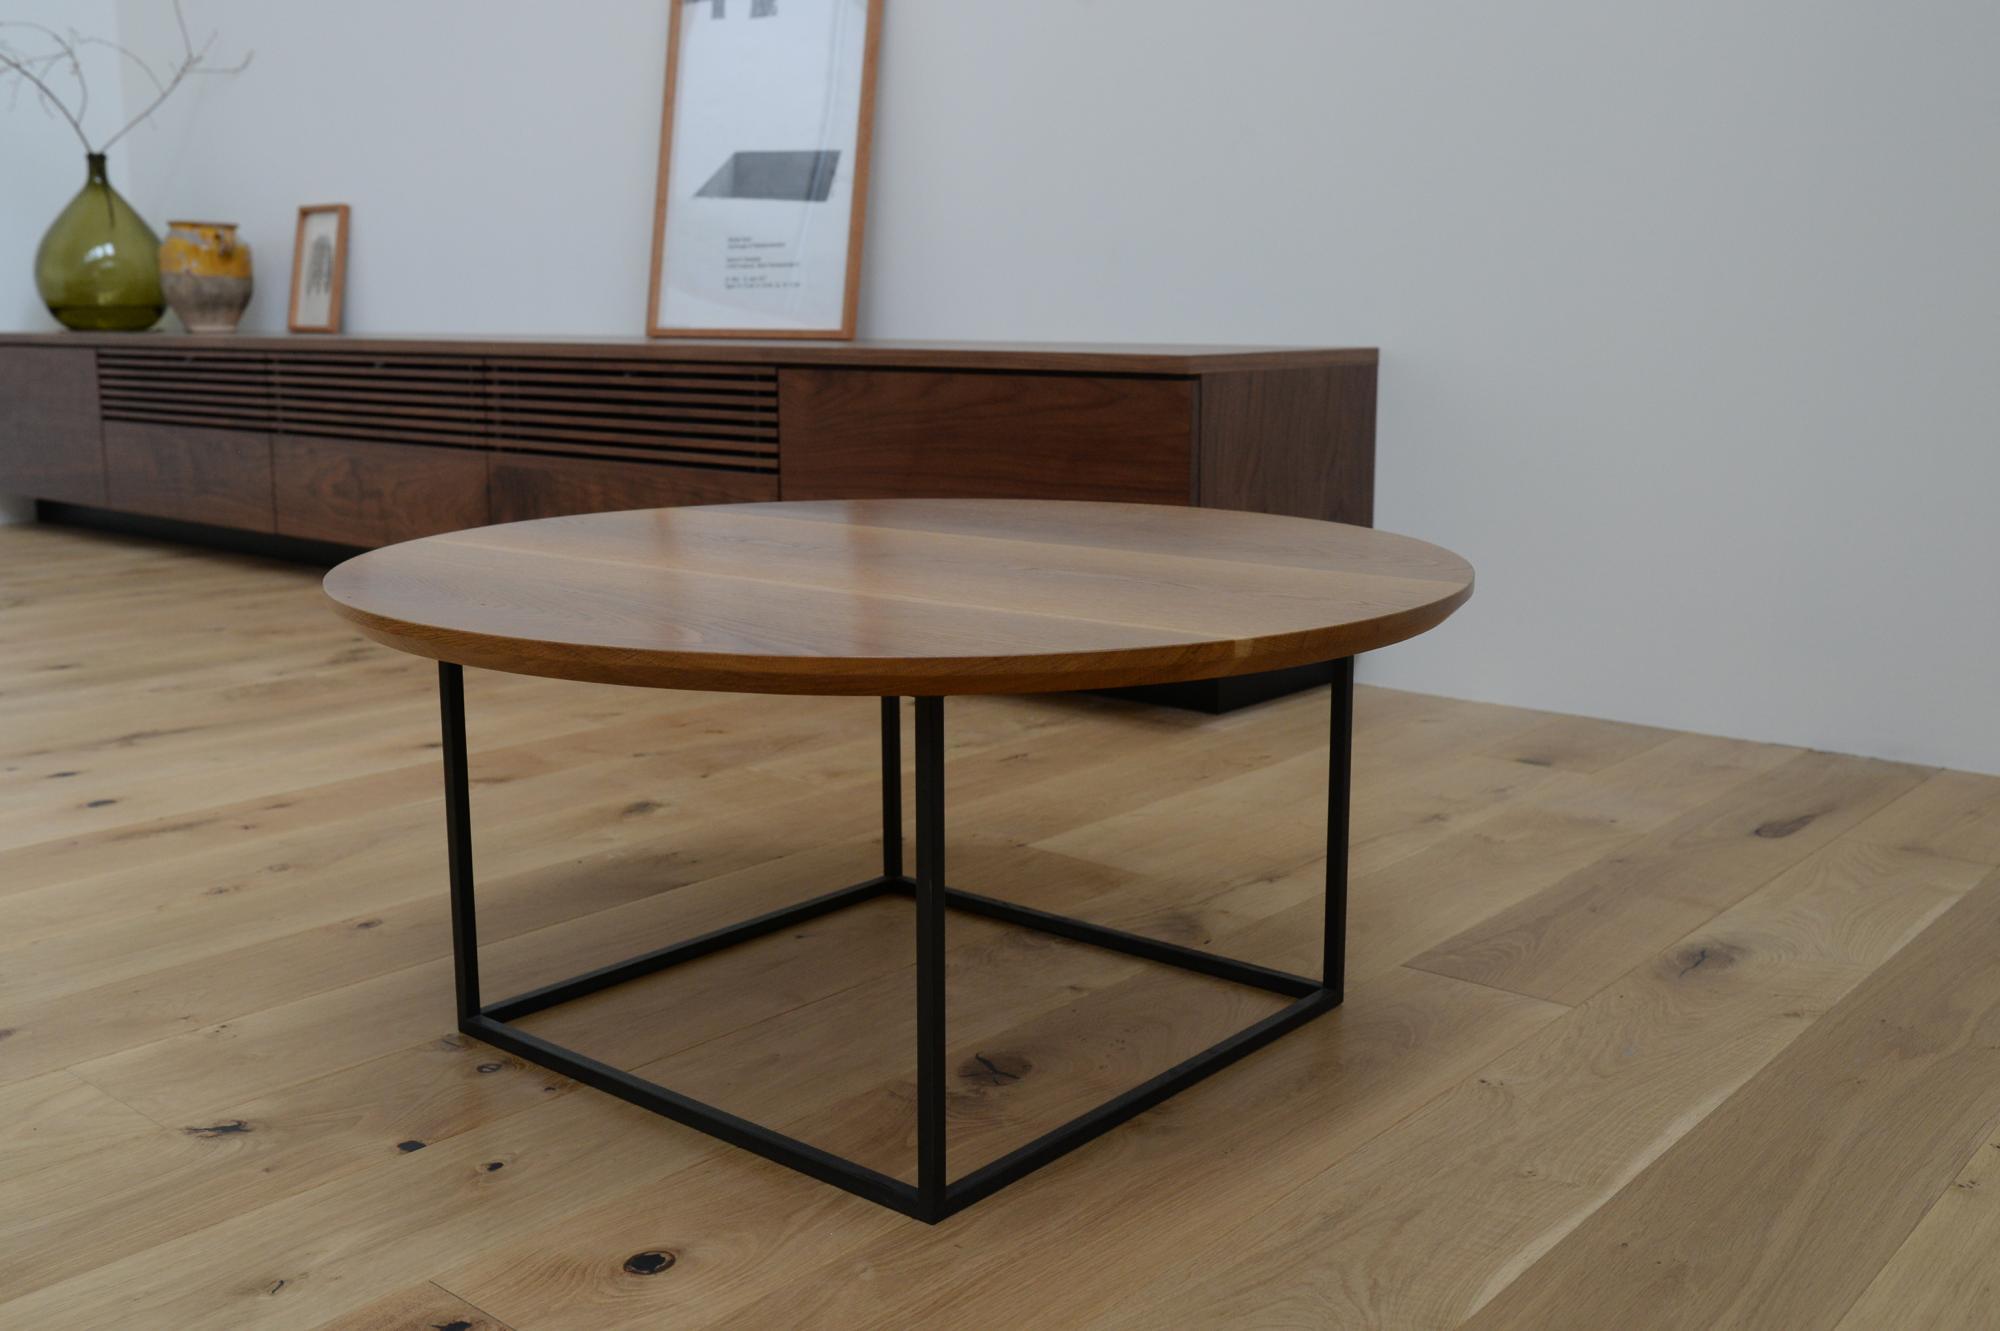 ローテーブル ロウテーブル 無垢材 オーク オーダー家具 サイドテーブル